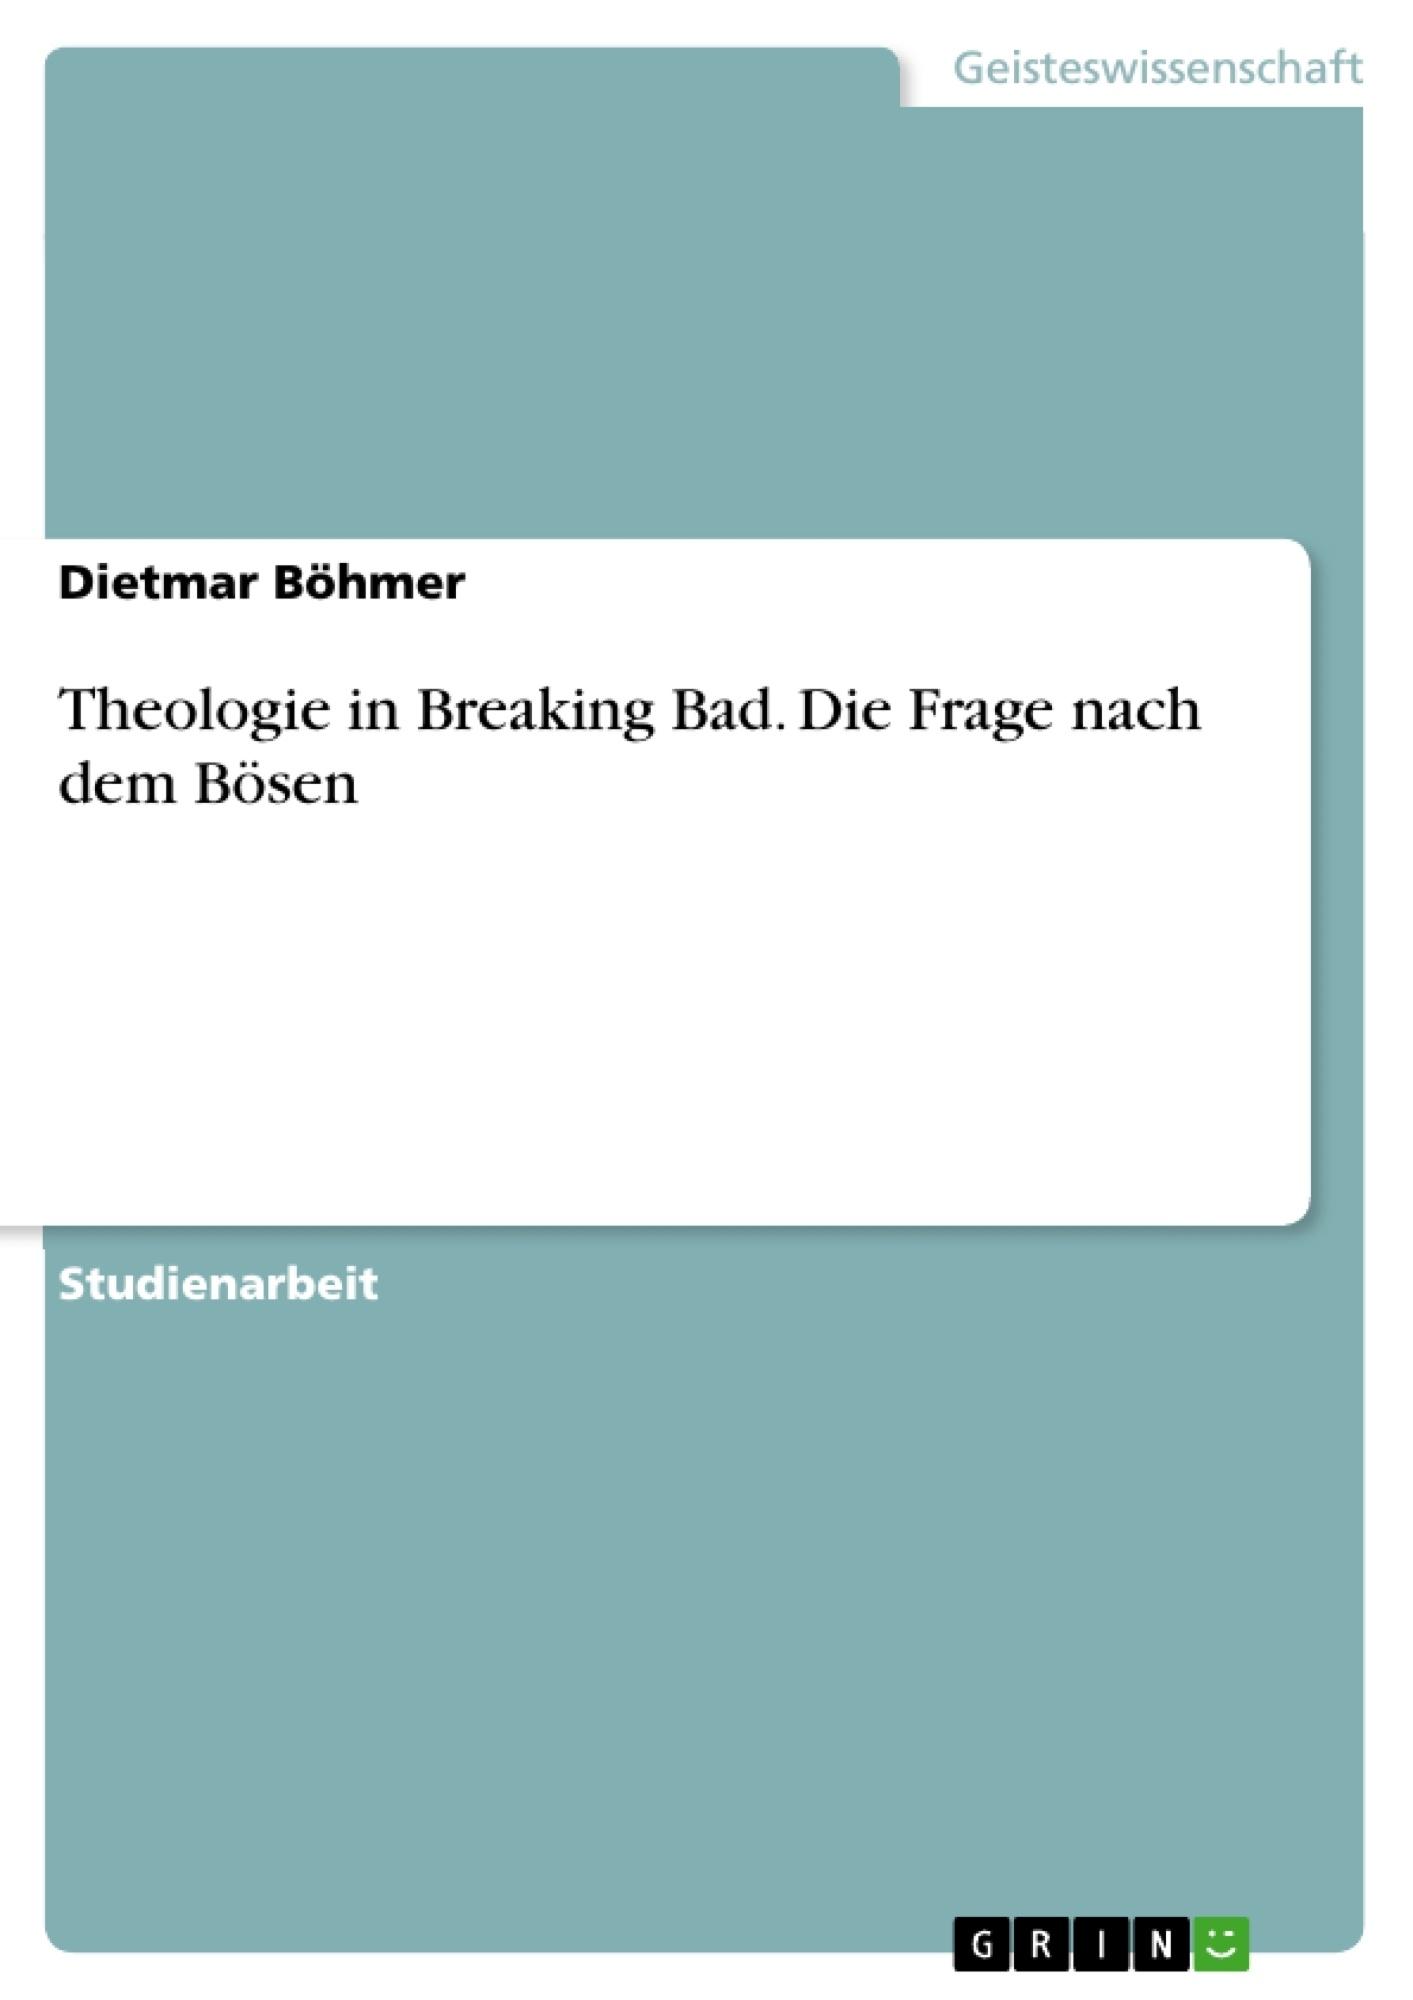 Titel: Theologie in Breaking Bad. Die Frage nach dem Bösen